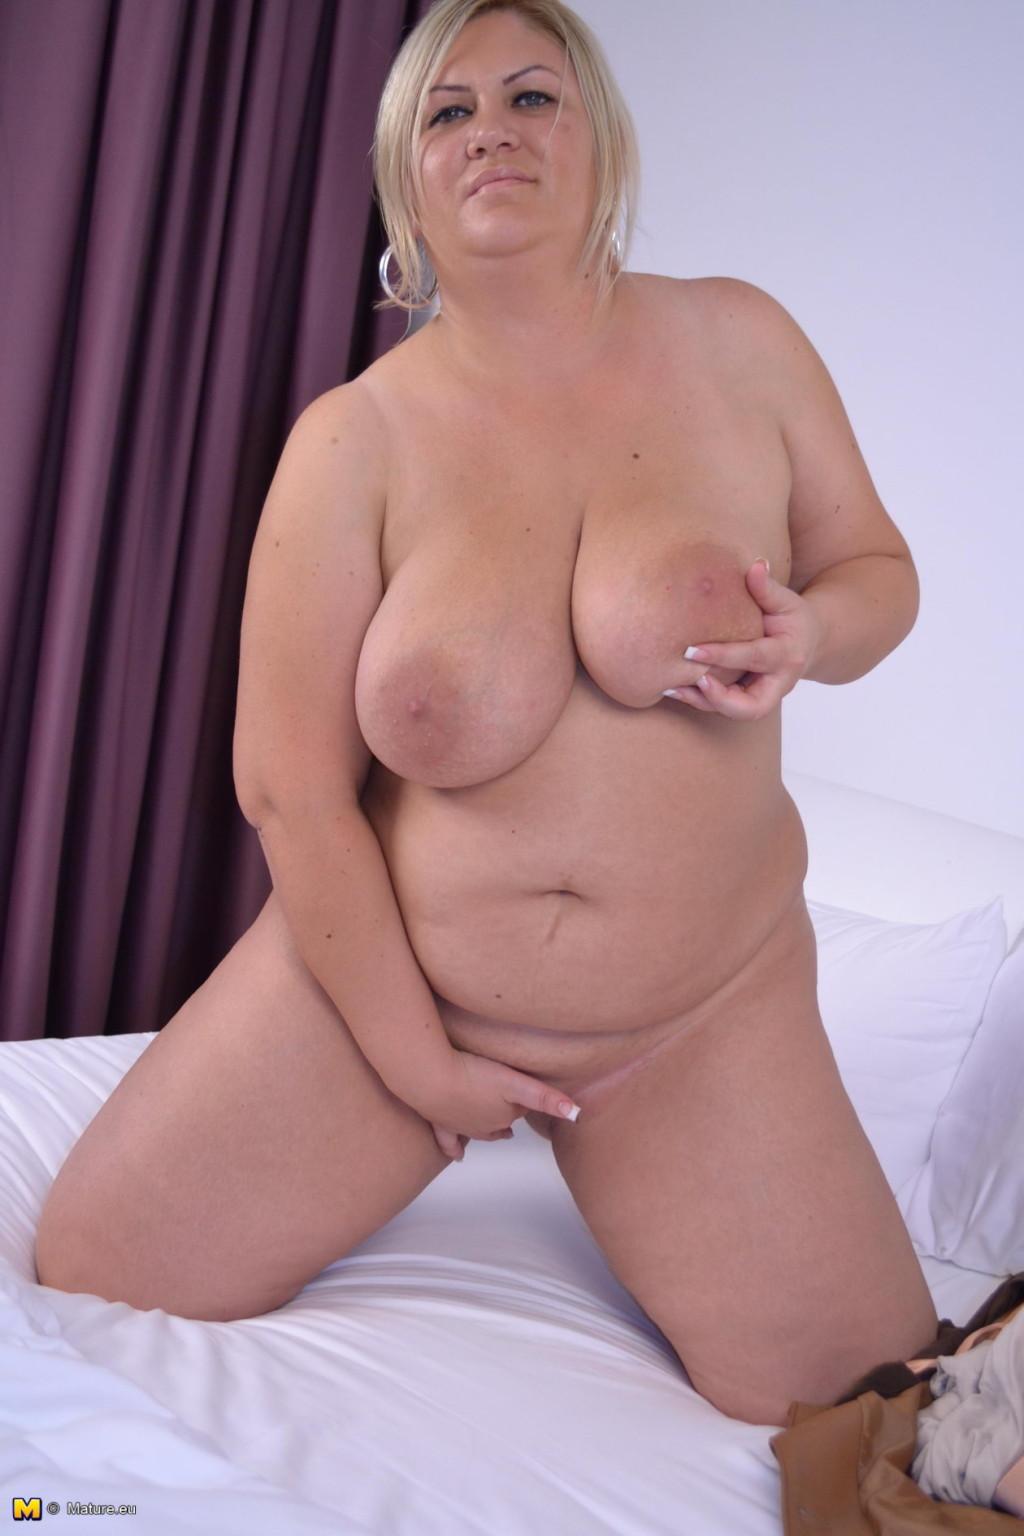 jaclyn smith nude photos